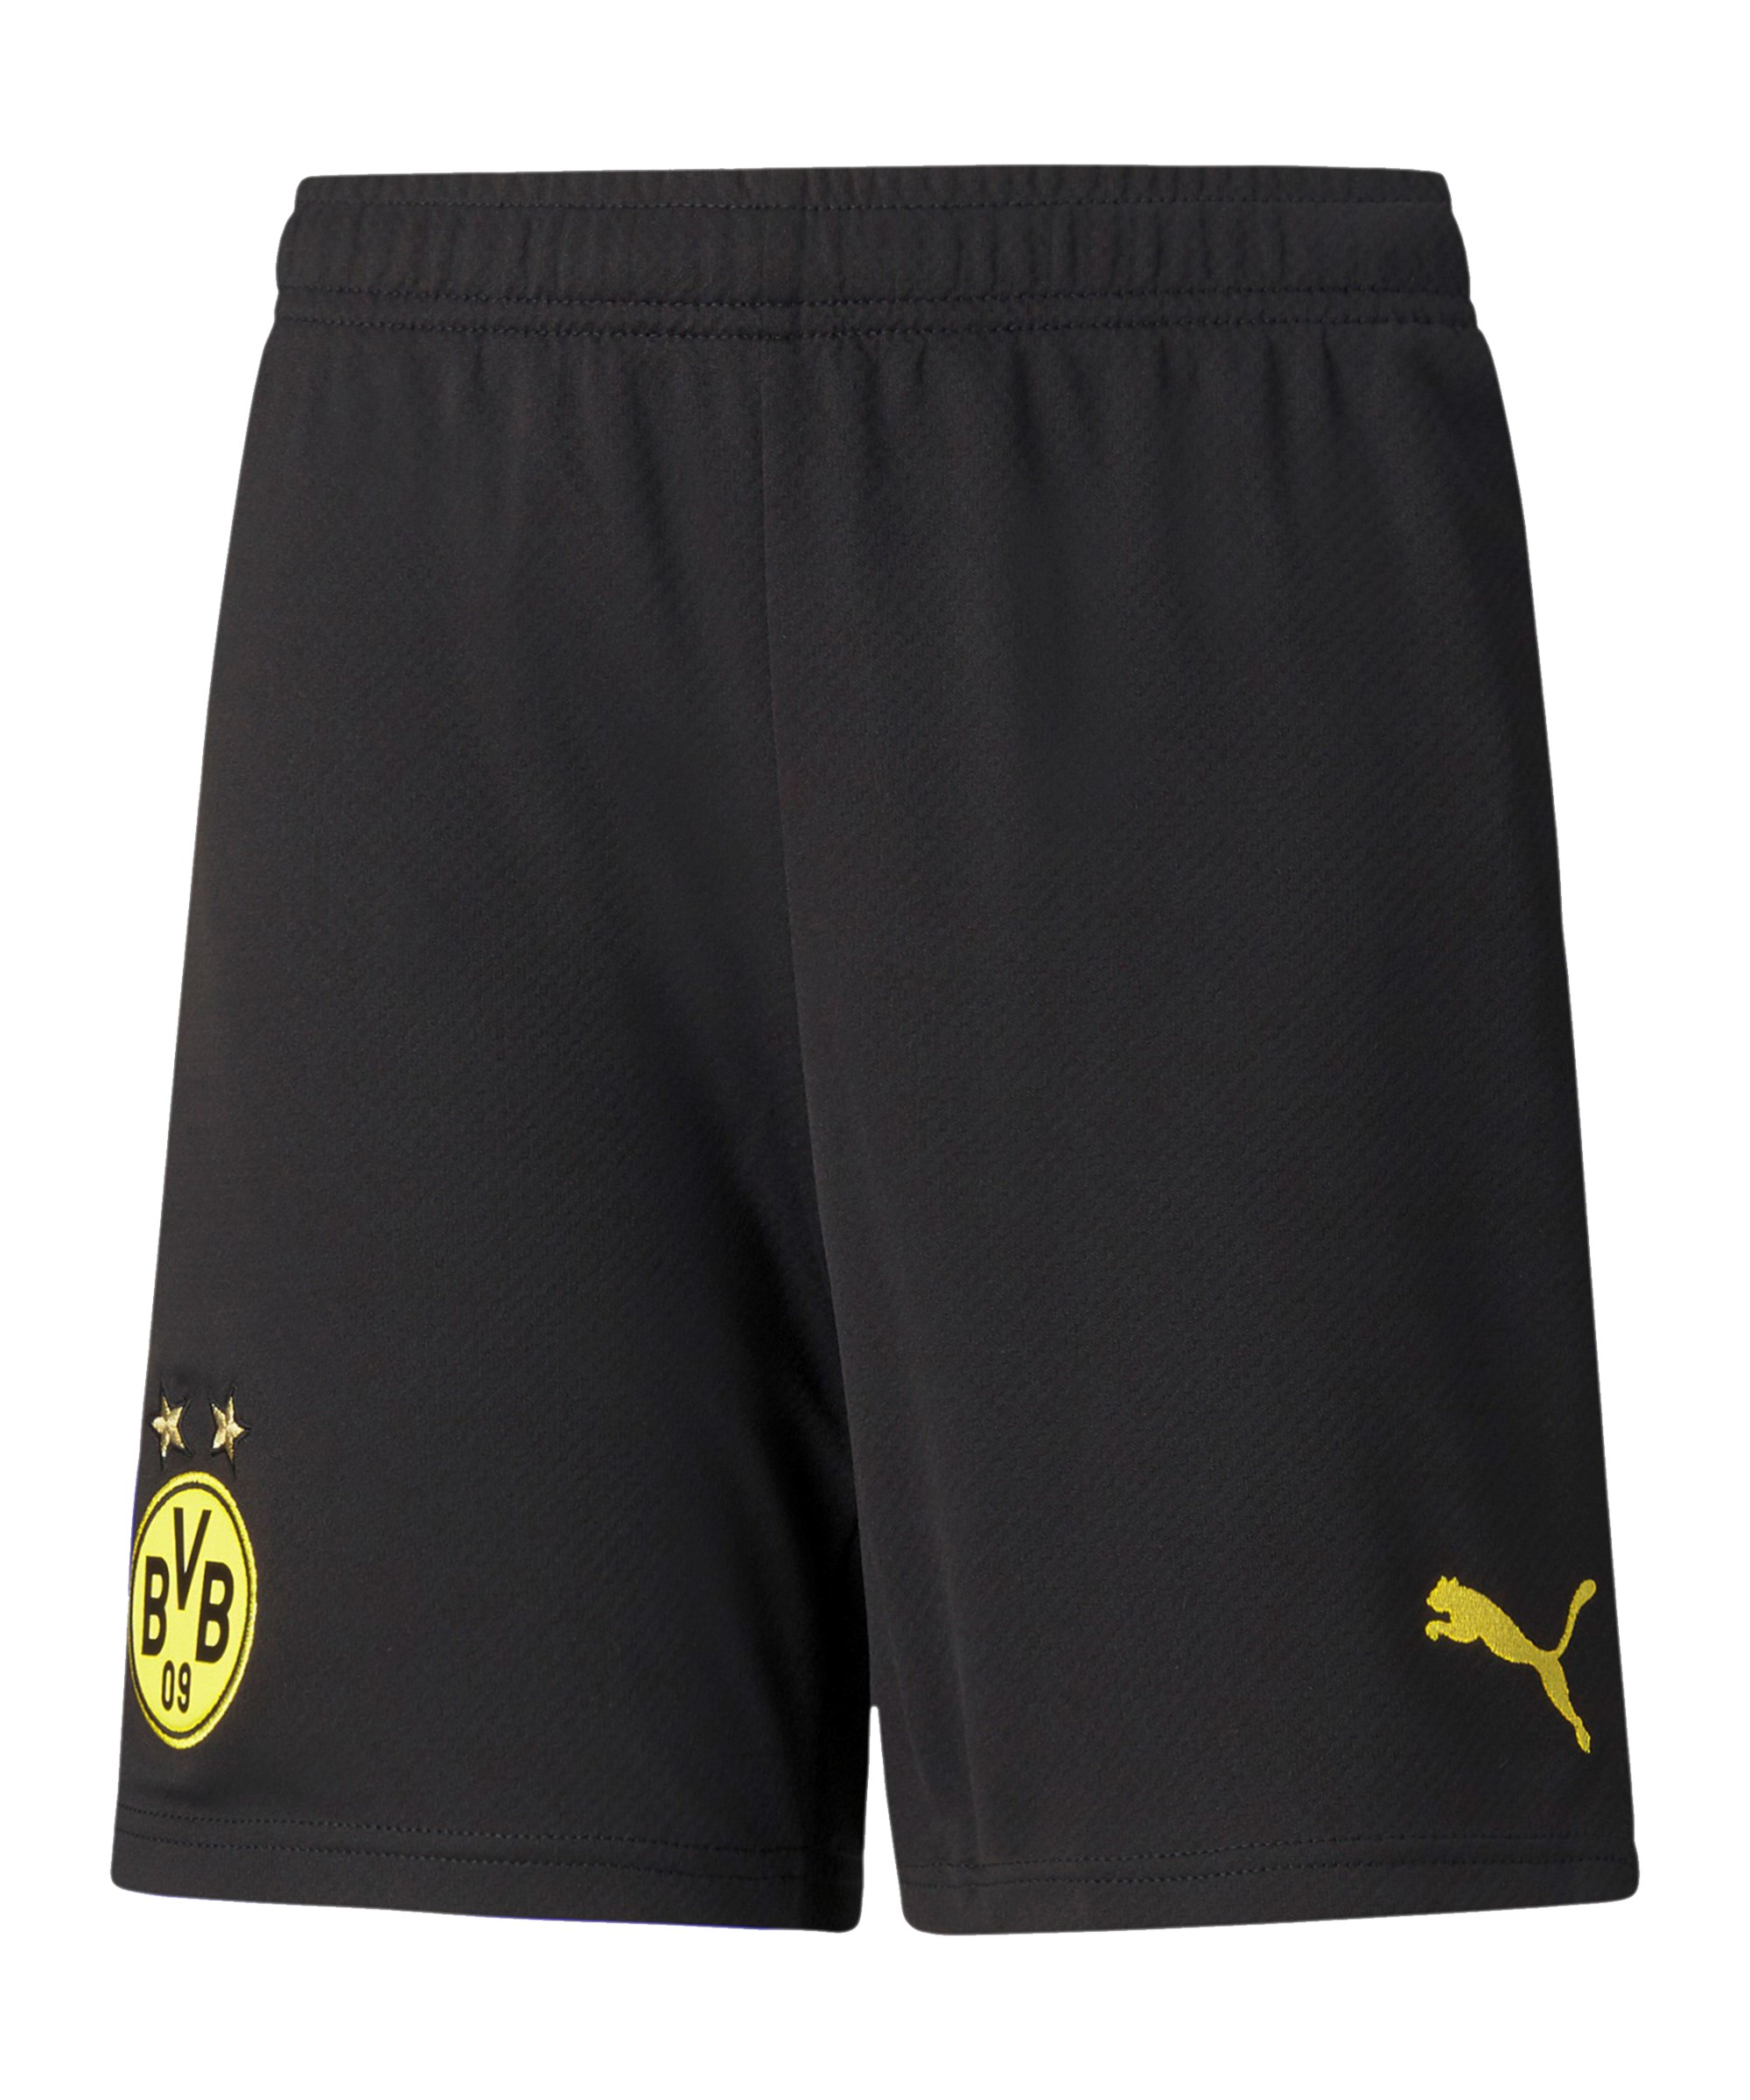 PUMA BVB Dortmund Short Home 2021/2022 Schwarz Gelb F02 - schwarz